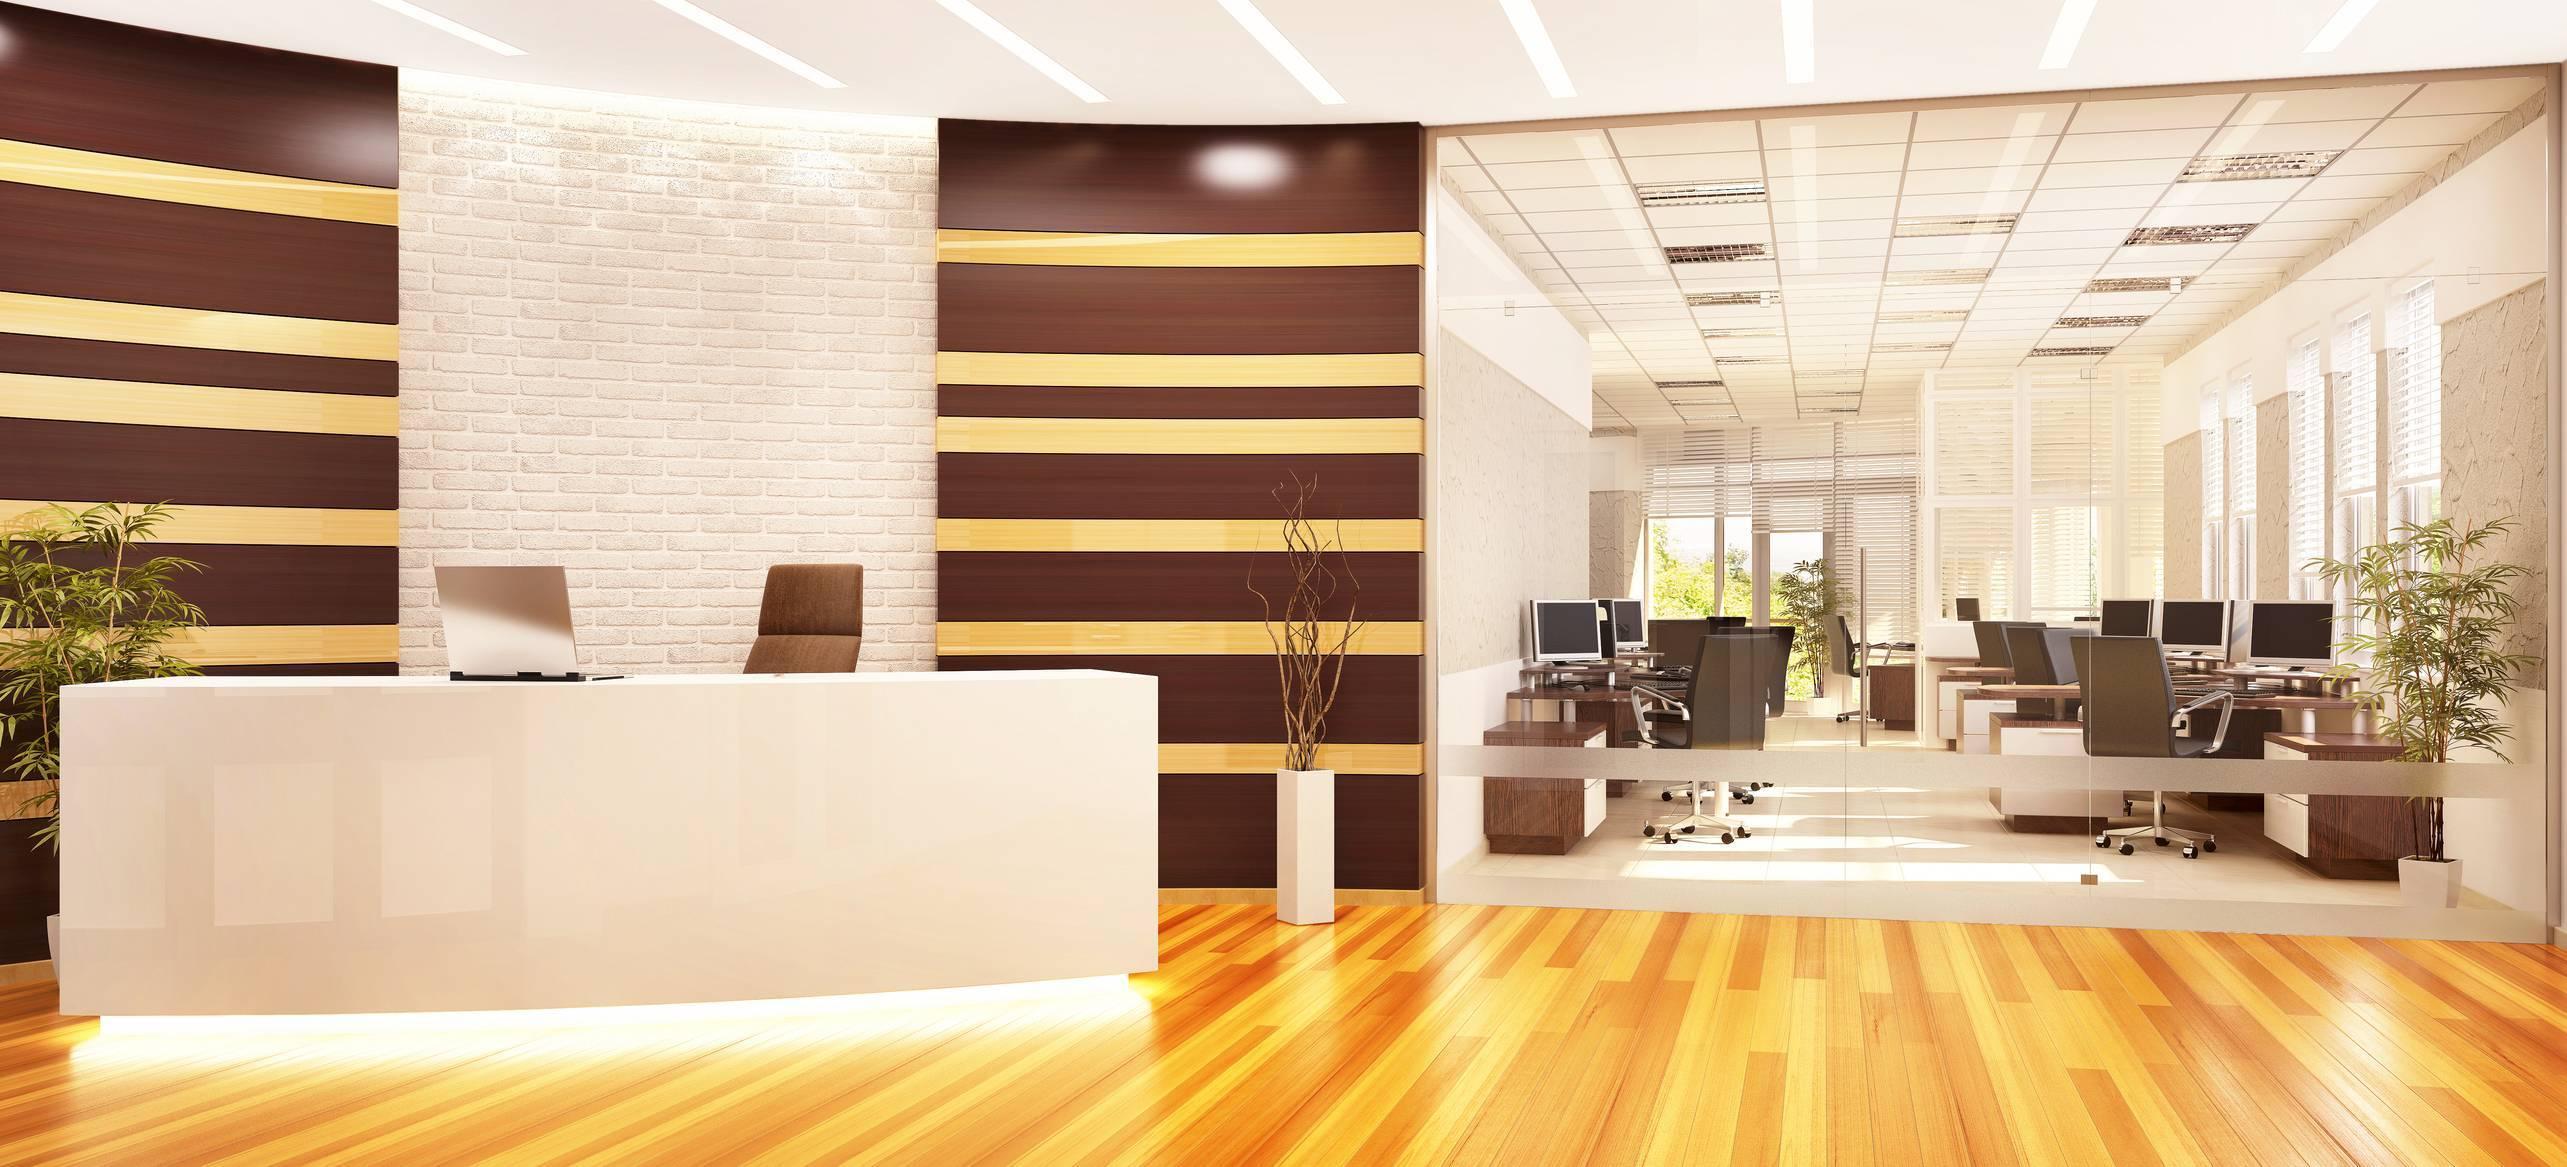 mobilier de bureau pour améliorer l'accueil d'une formation en présentiel